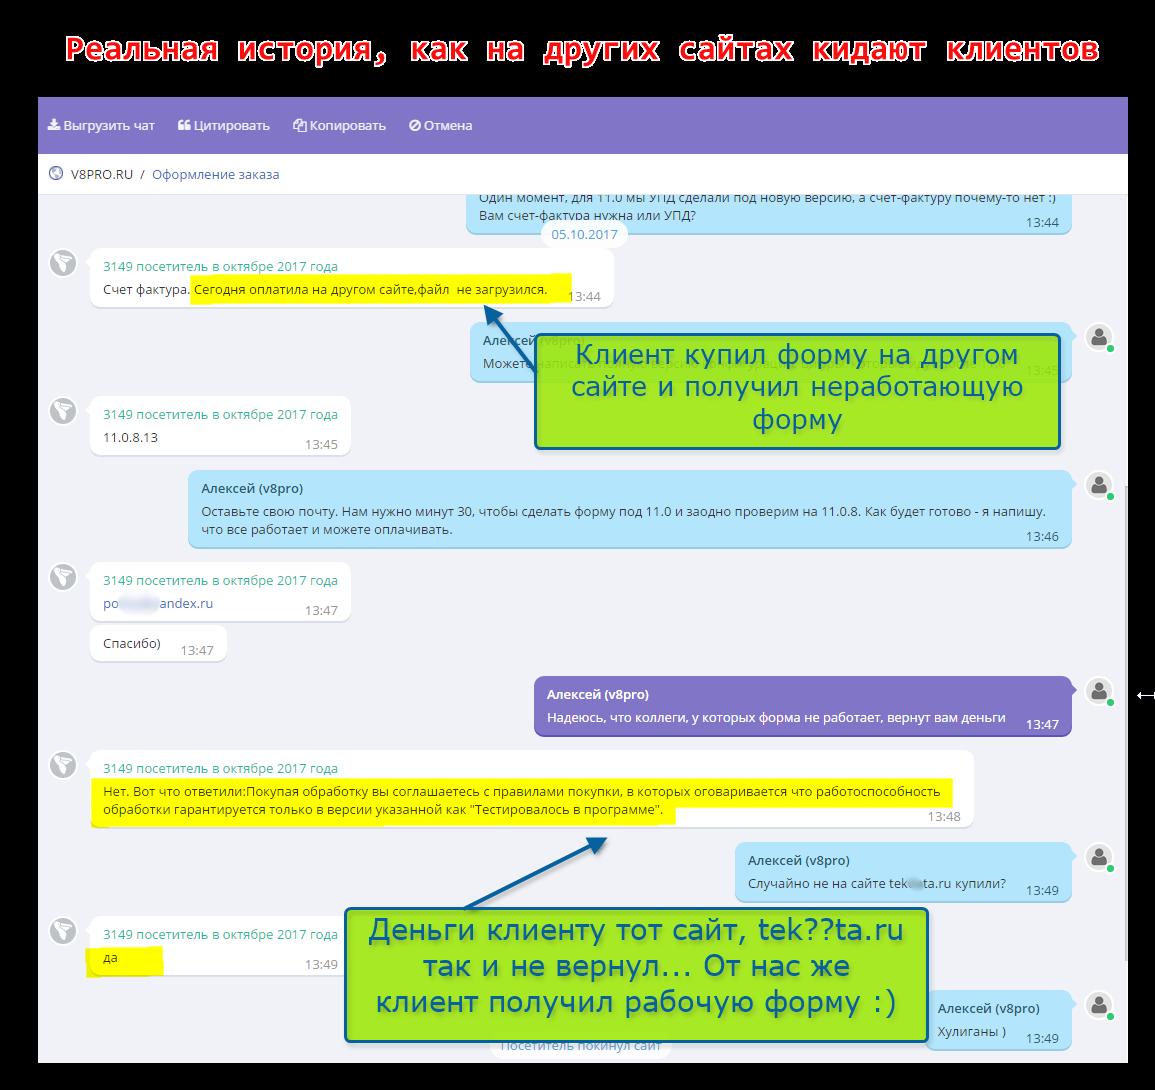 Отрицательные отзывы tekdata.ru